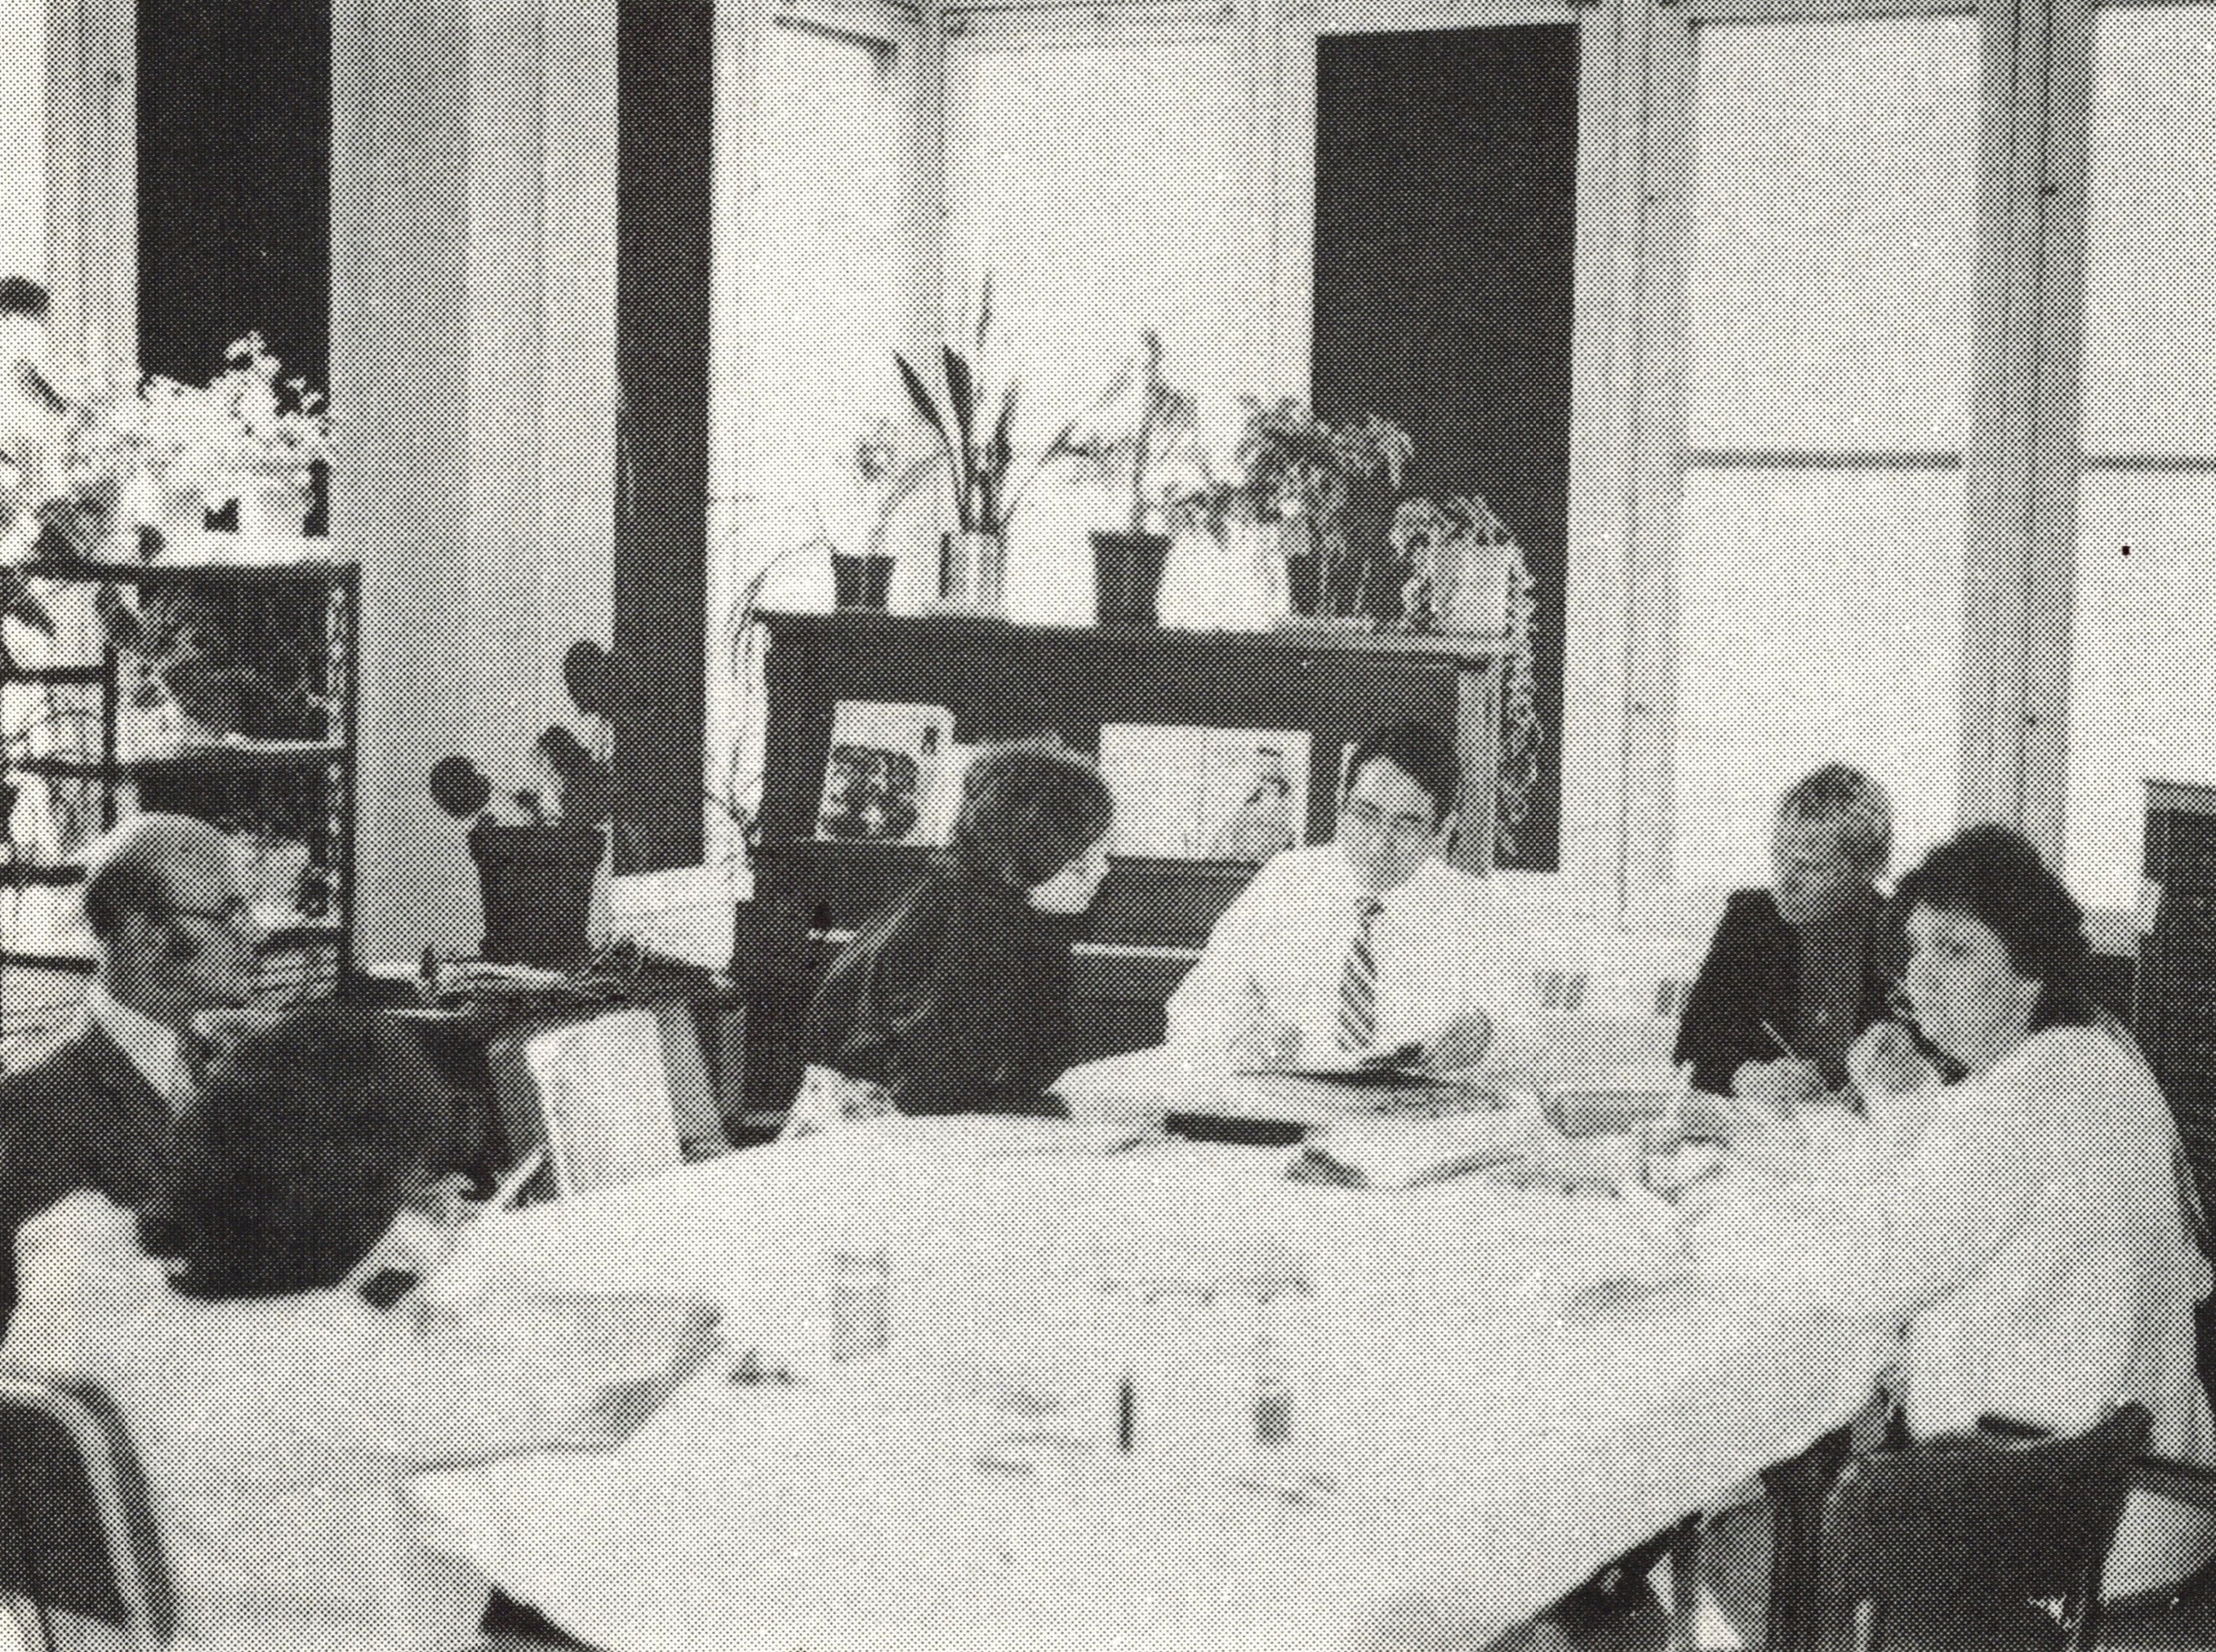 Photo en noir et blanc d'un groupe d'hommes et de femmes réunis autour d'une table